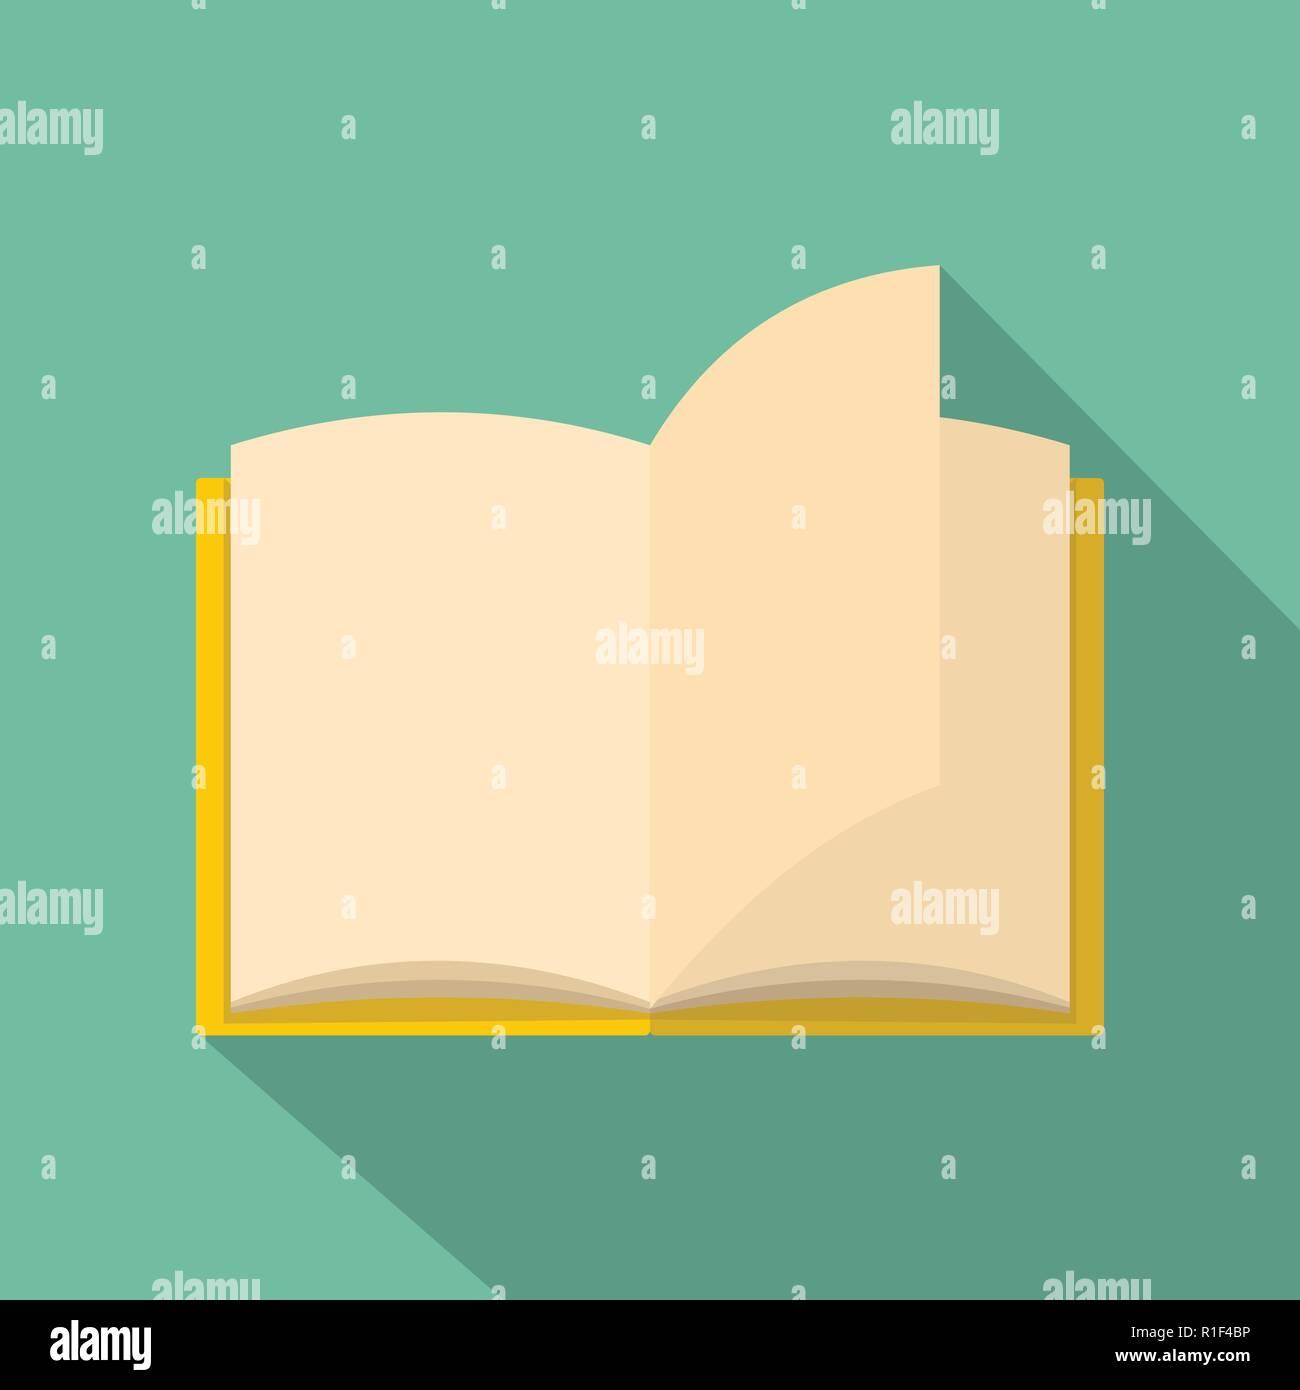 Buch Seite Symbol. Flache Abbildung: Buch Seite vektor Symbol für Web Stockbild